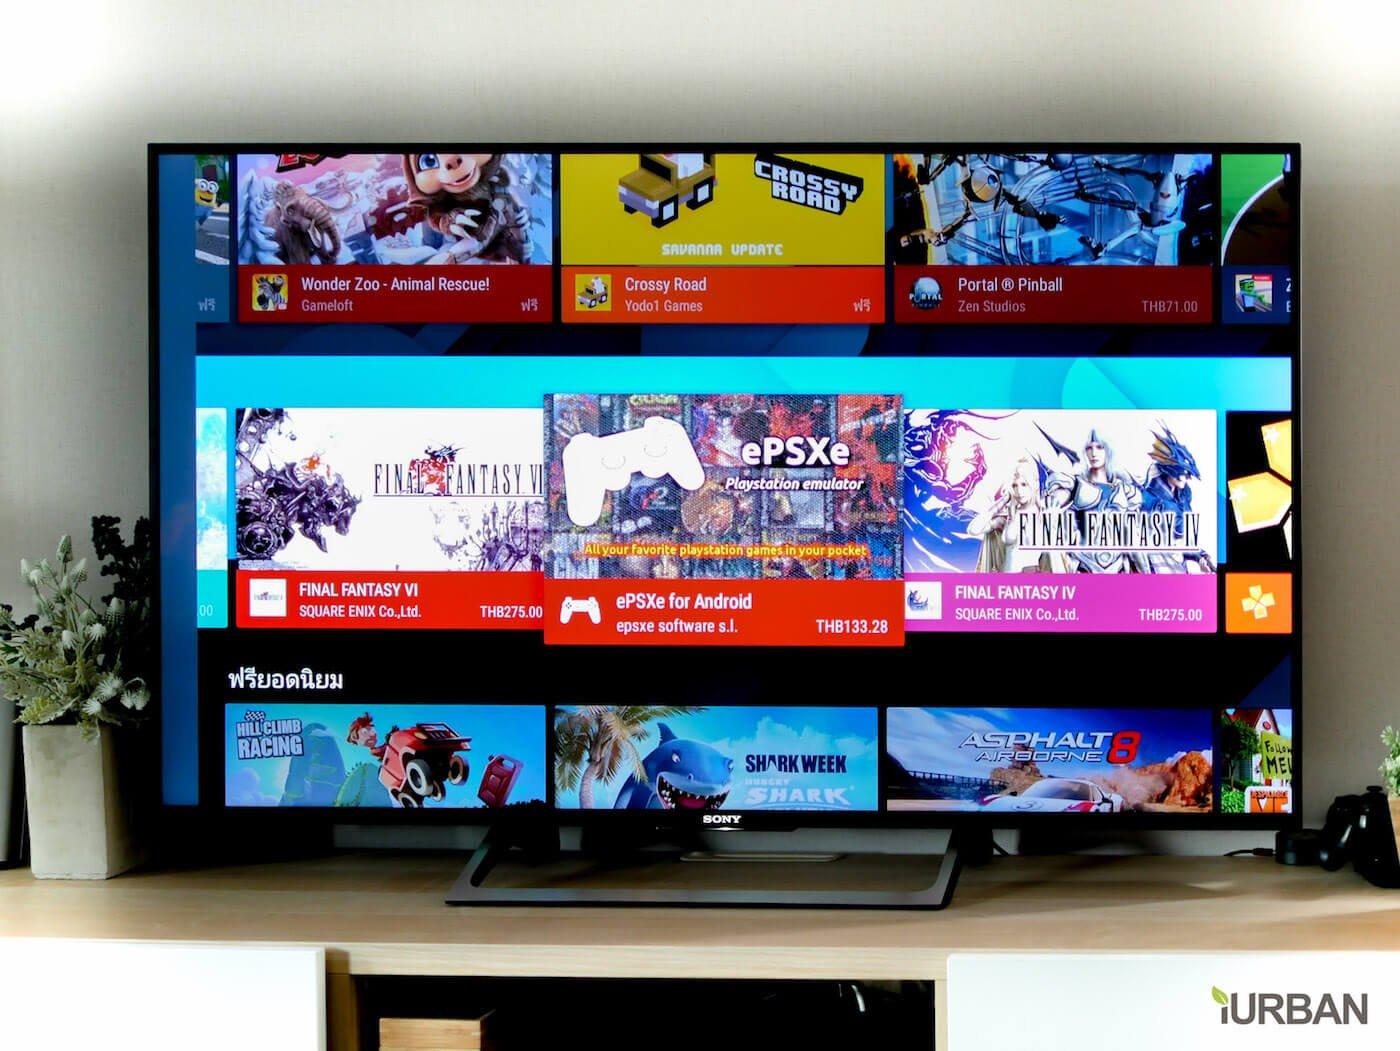 SONY X8500E 4K-HDR Android TV นวัตกรรมที่จะเปลี่ยนชีวิตกับทีวี ให้ไม่เหมือนเดิมอีกต่อไป 19 - Android